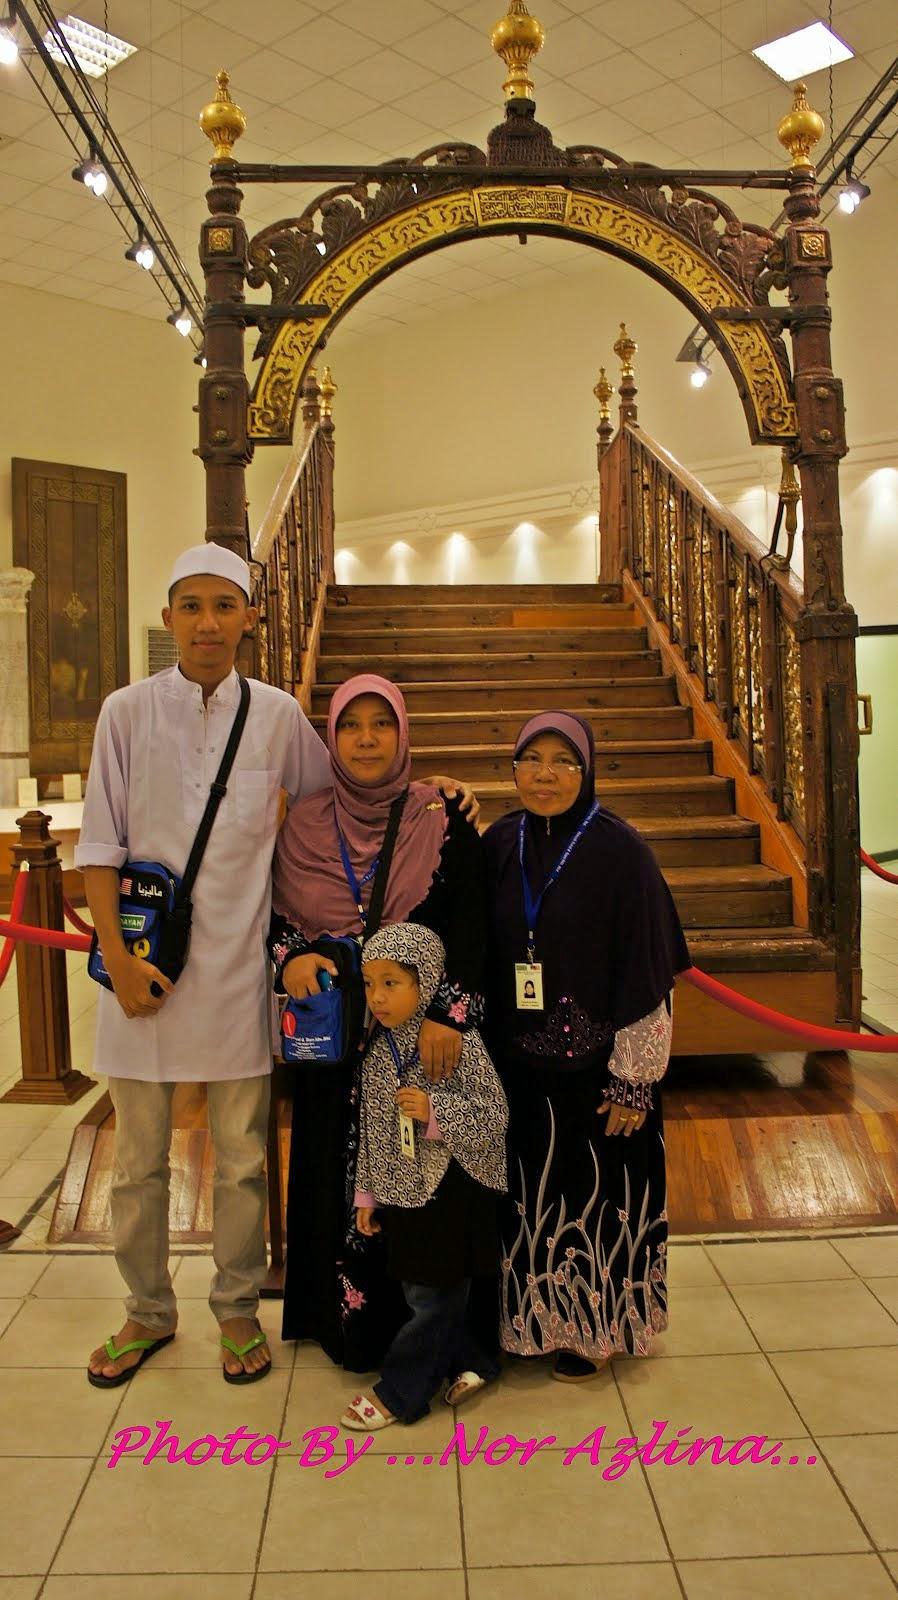 Perjalanan umrah bersama keluarga (hidayah travel) 2012 SILA KLIK PD GAMBAR UNTUK BACA CACATAN